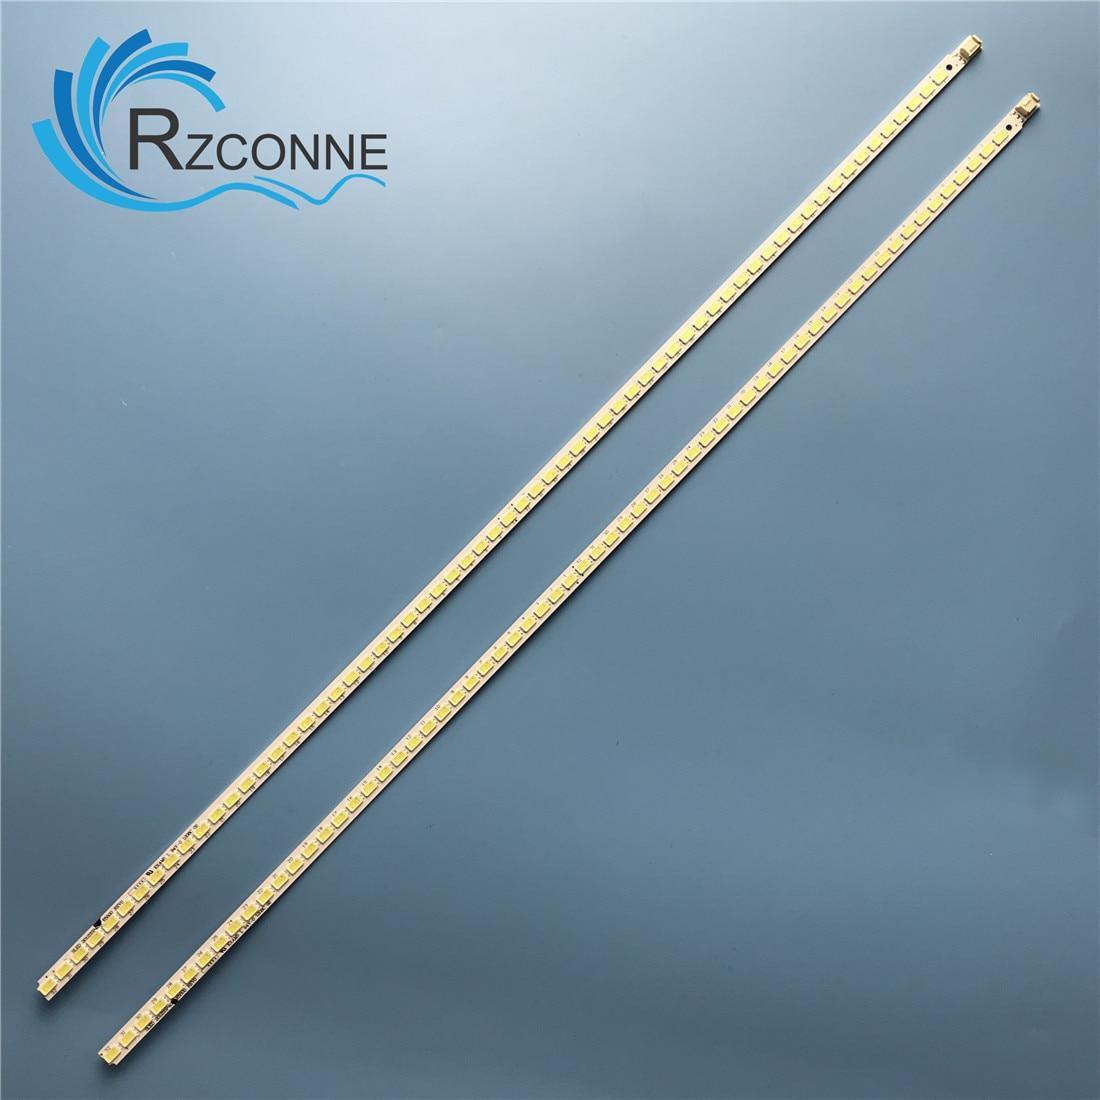 """LED Backlight Strip 64 Lamp For Sharp 40"""" LCD TV Gt0358-1 2 3 4 Sled 2012ssp40b 2012ssp40a E5500 Rev0 40pfl5507h 40PFL5527K/12"""